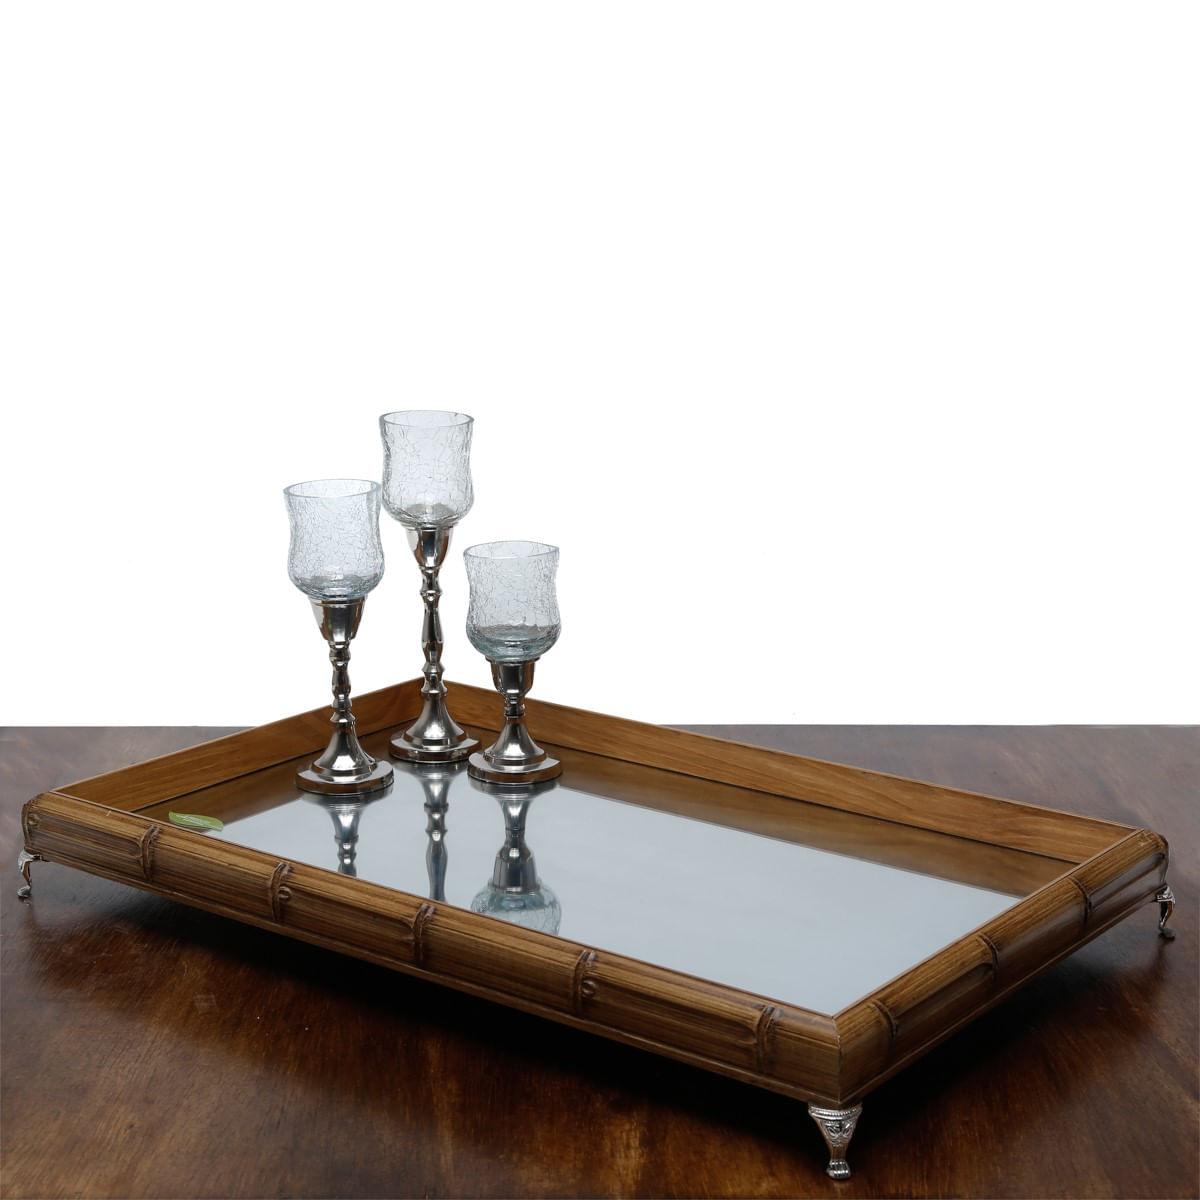 Bandeja Bambu Espelhada E Pezinho Prateado - Grande 55x35cm